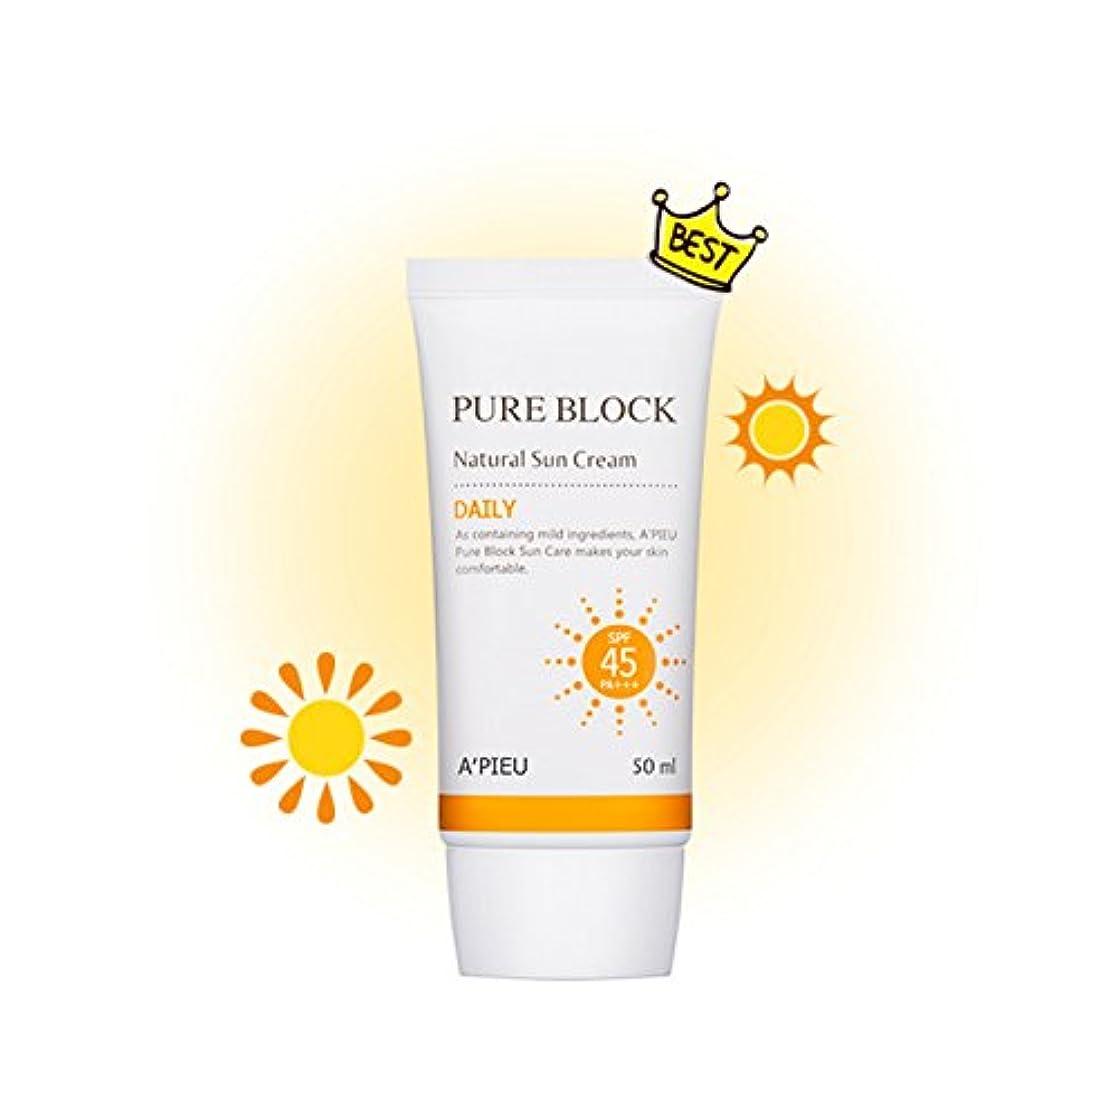 参照する所有者ペンス[オピュ] A'PIEU ピュアブロックナチュラルデイリー日焼け止め Pure Block Natural Daily Sun Cream SPF 45 PA+++ [並行輸入品]